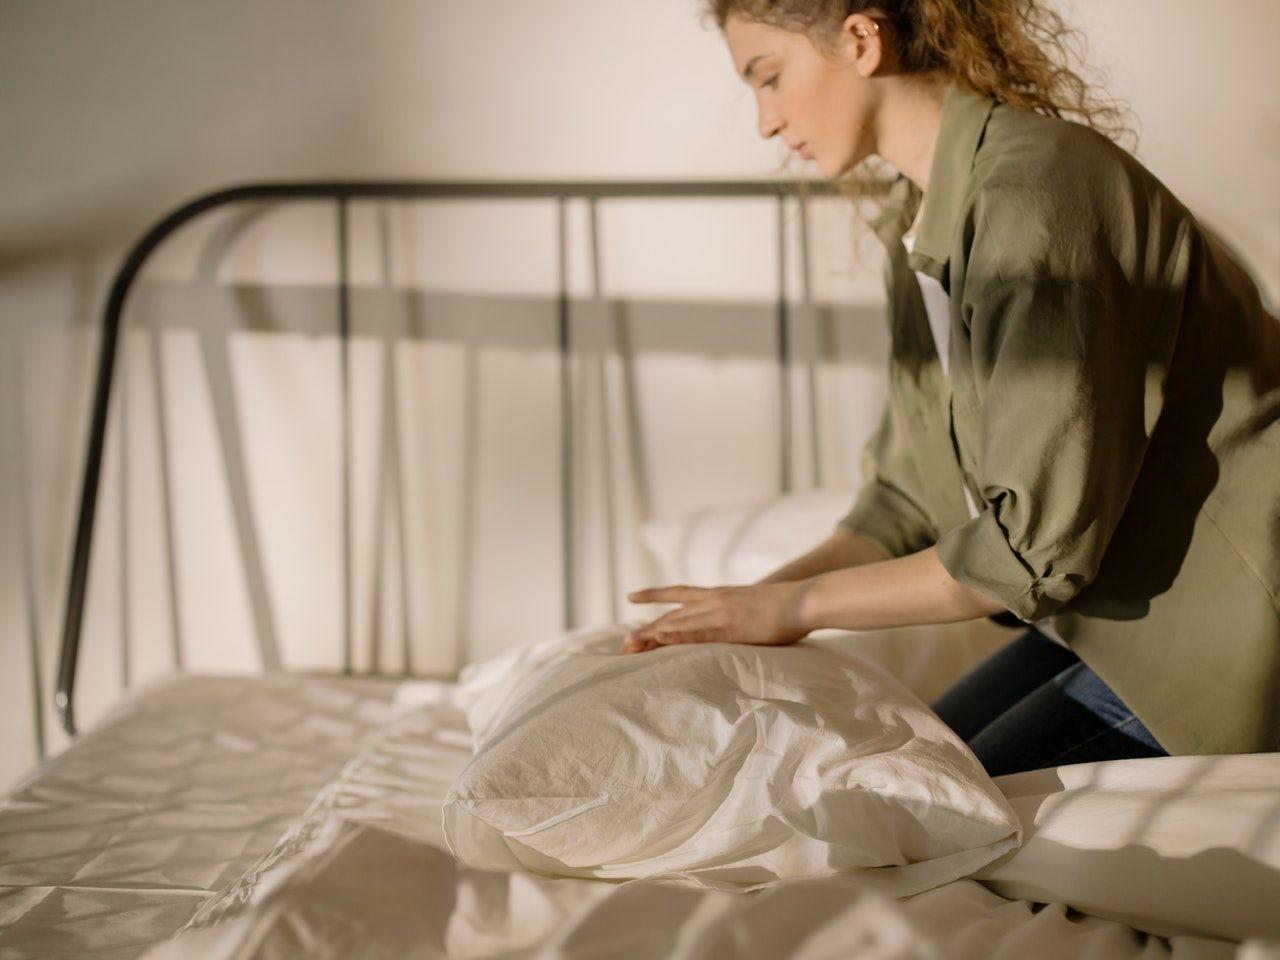 Ingin Kamar Selalu Rapi dan Bersih Lakukan 5 Hal Ini Secara Rutin